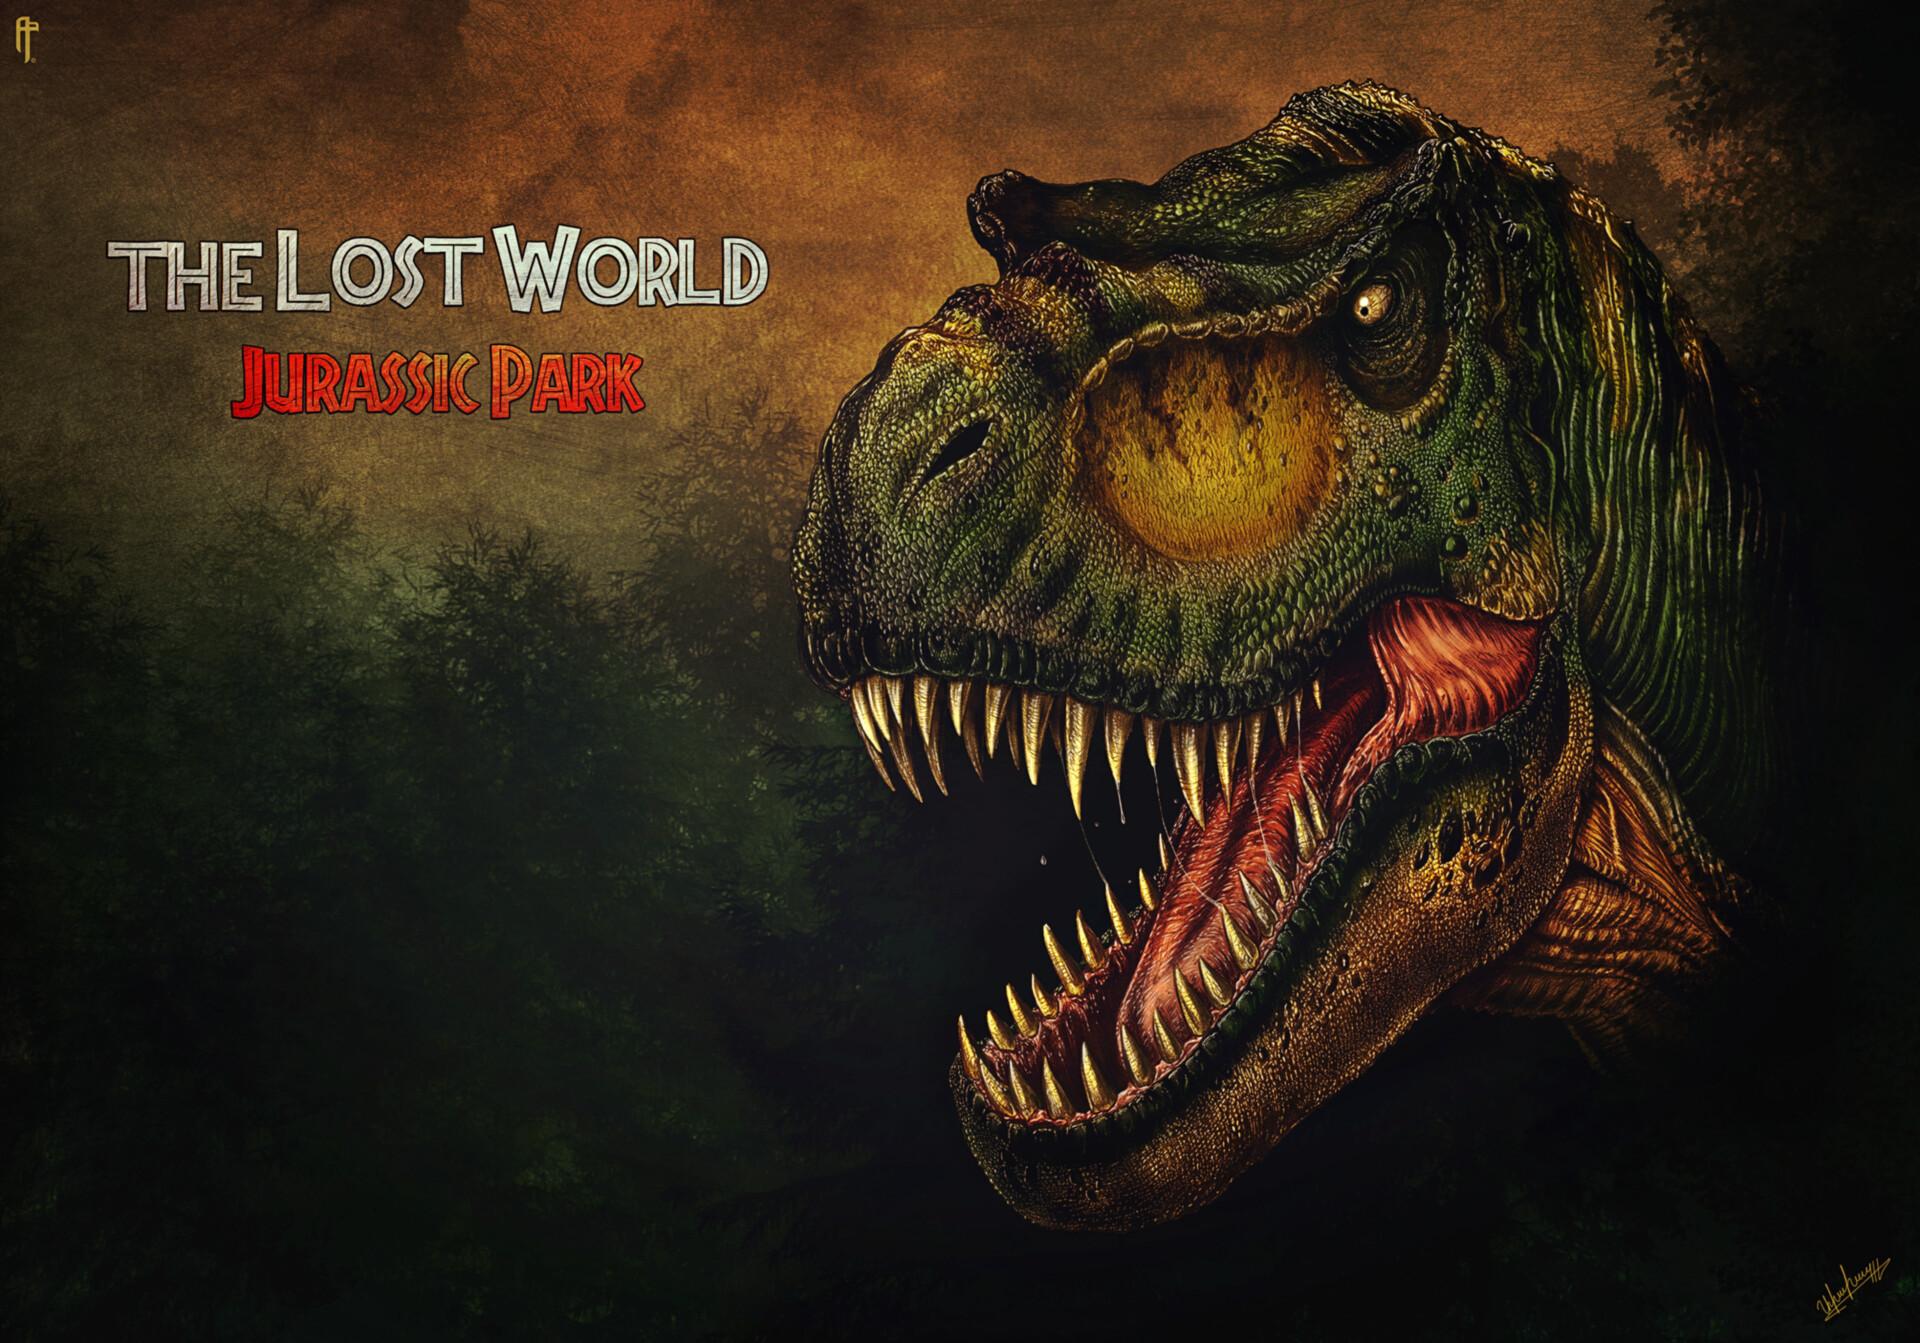 Artstation The Lost World Jurassic Park 1997 Digital Poster Aram Papazyan